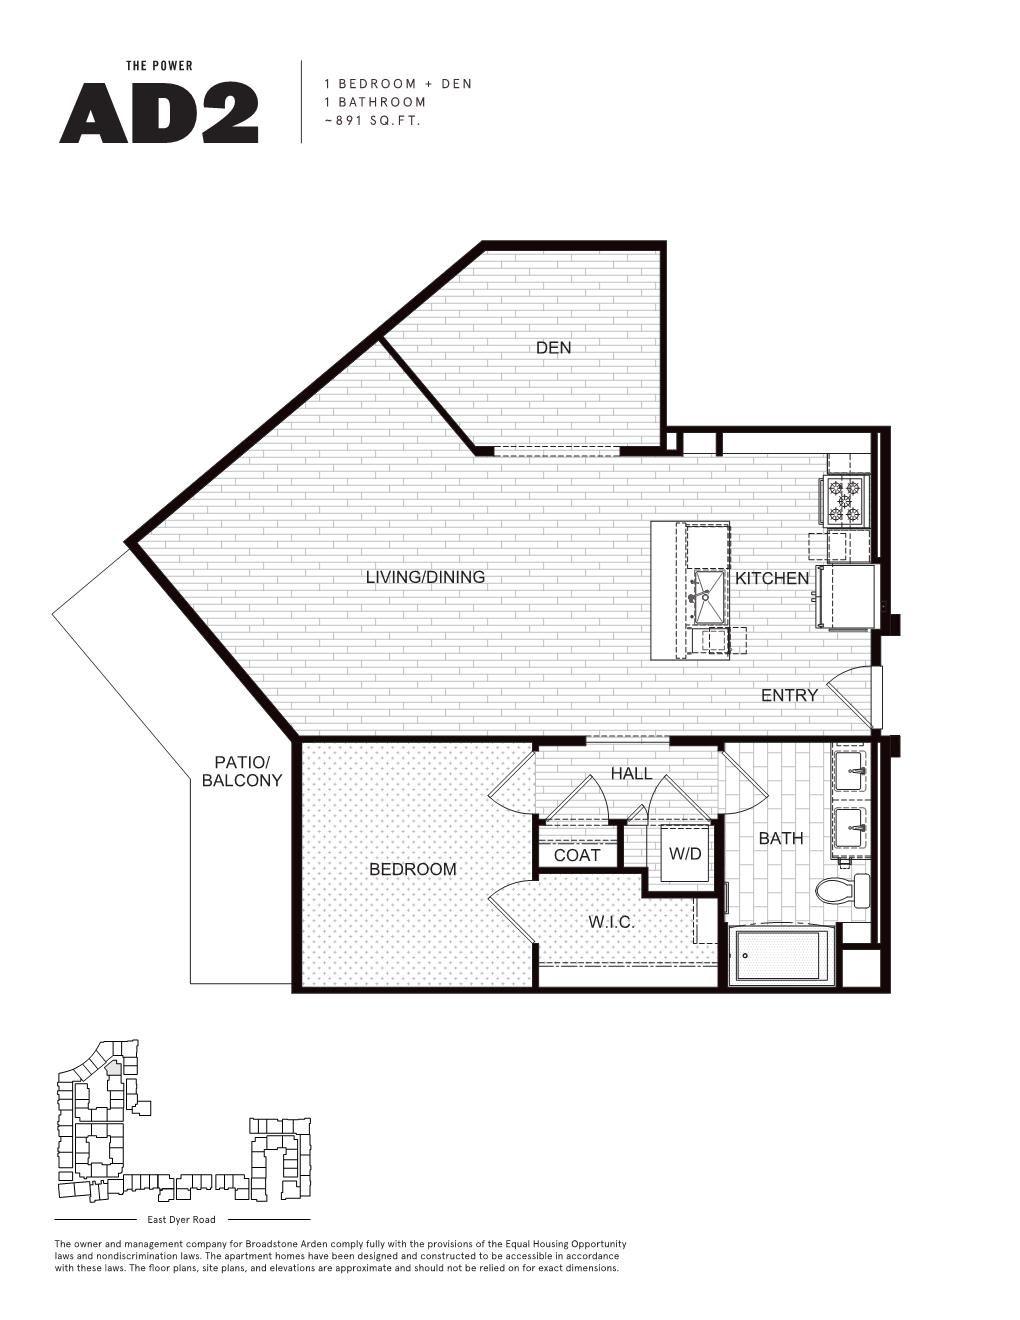 3 Bedroom Apartments In Orange County: Floor Plans, Apartment Floor Plan, How To Plan